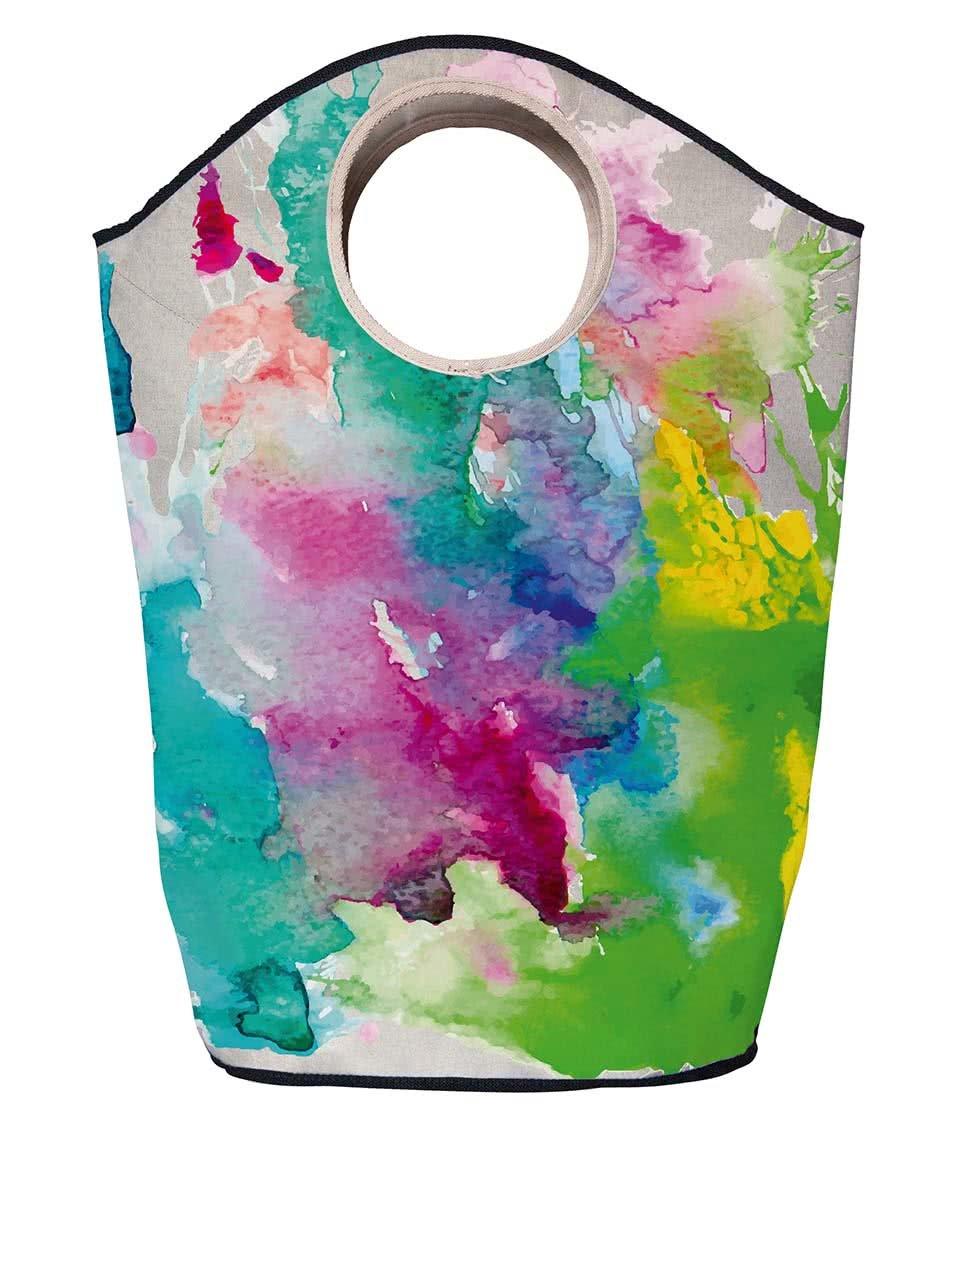 Krémový koš na prádlo s motivem rozpitých barev Butter Kings